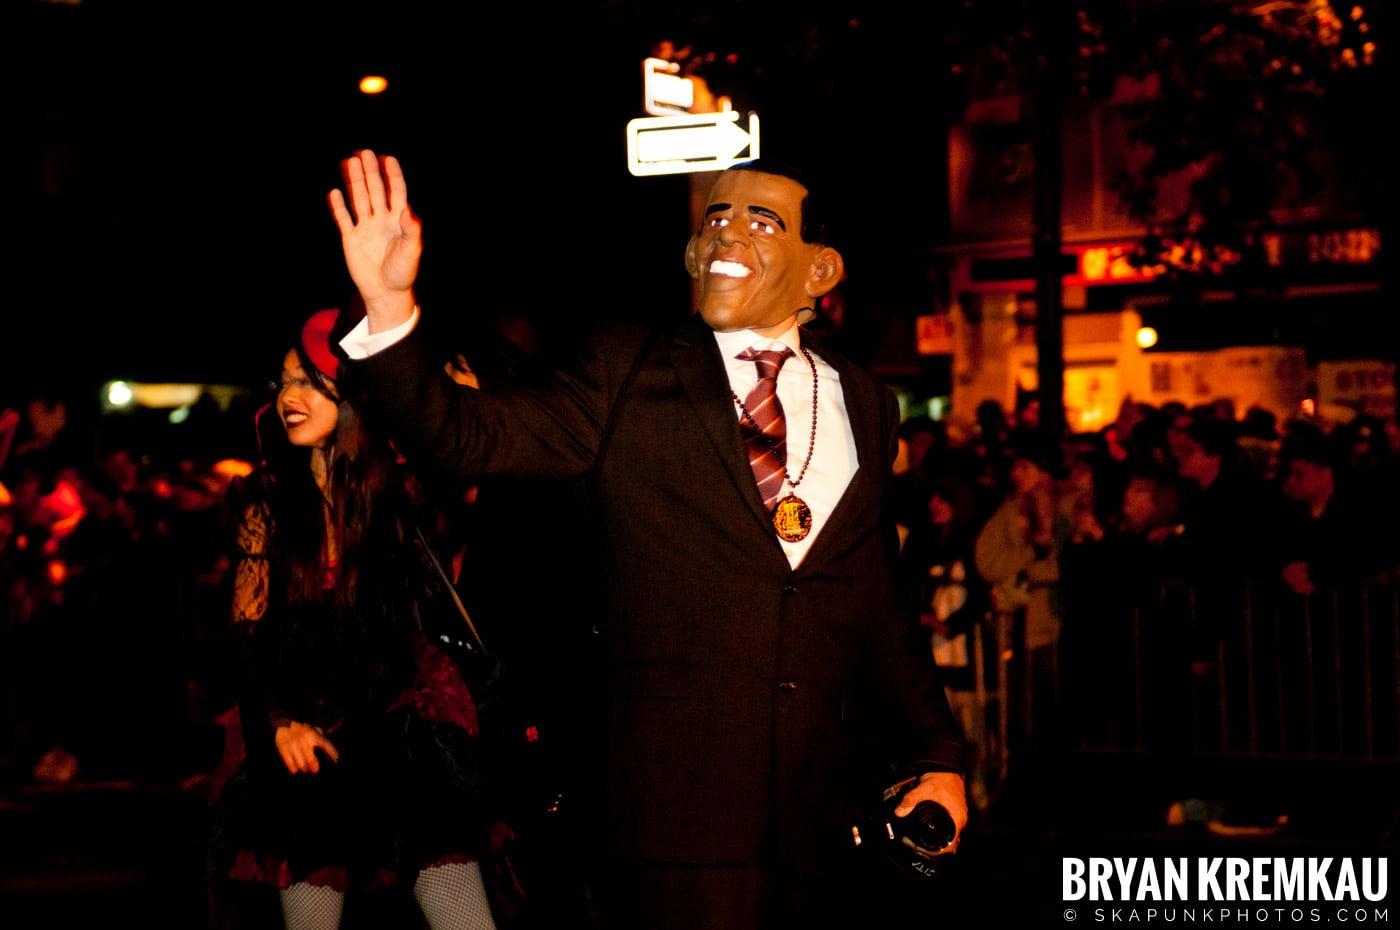 NYC Halloween Parade 2011 @ New York, NY - 10.31.11 (39)